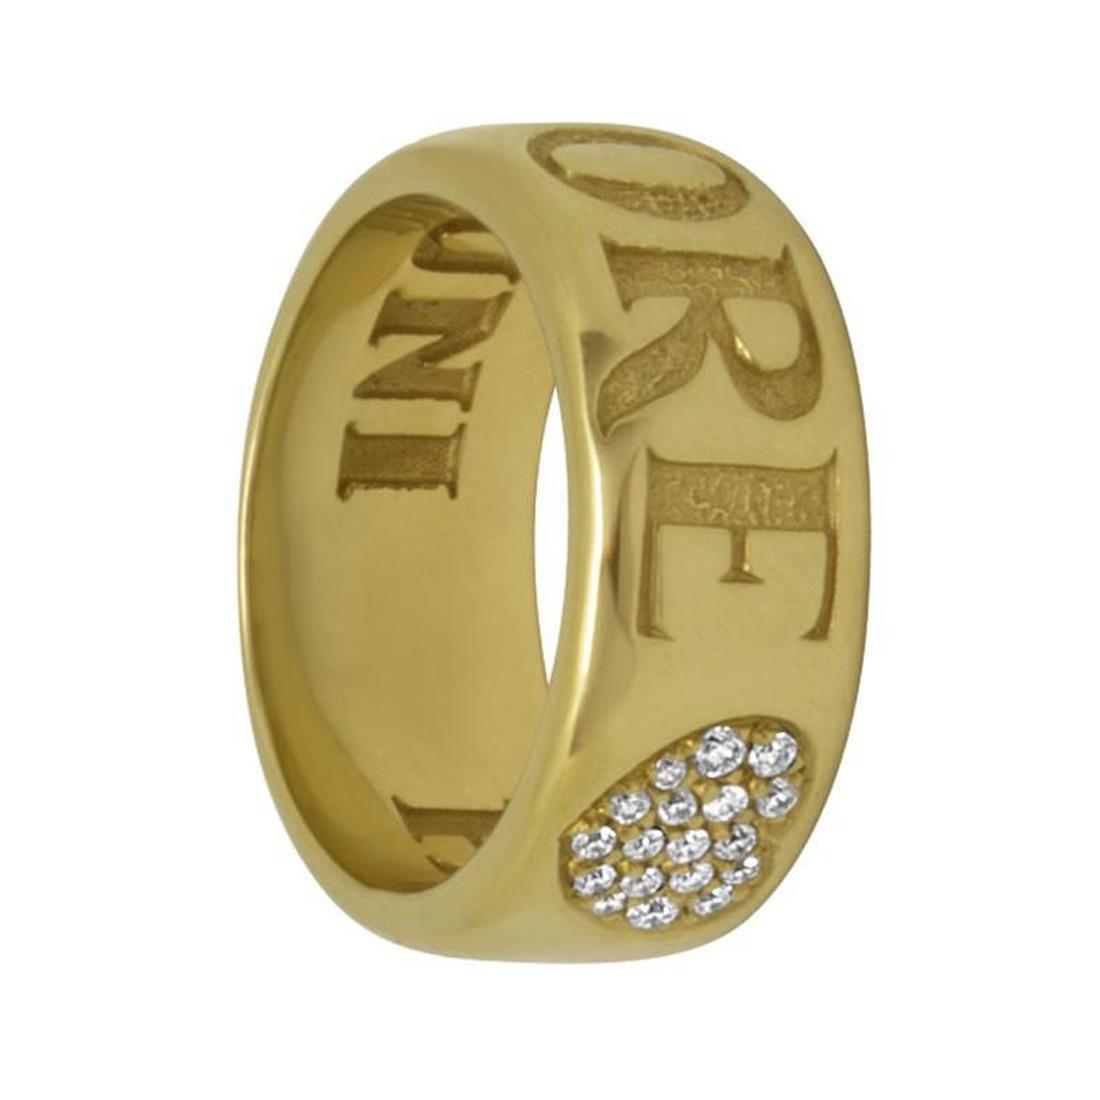 Anello in oro giallo con diamanti ct 0.14, misura 9 - PASQUALE BRUNI